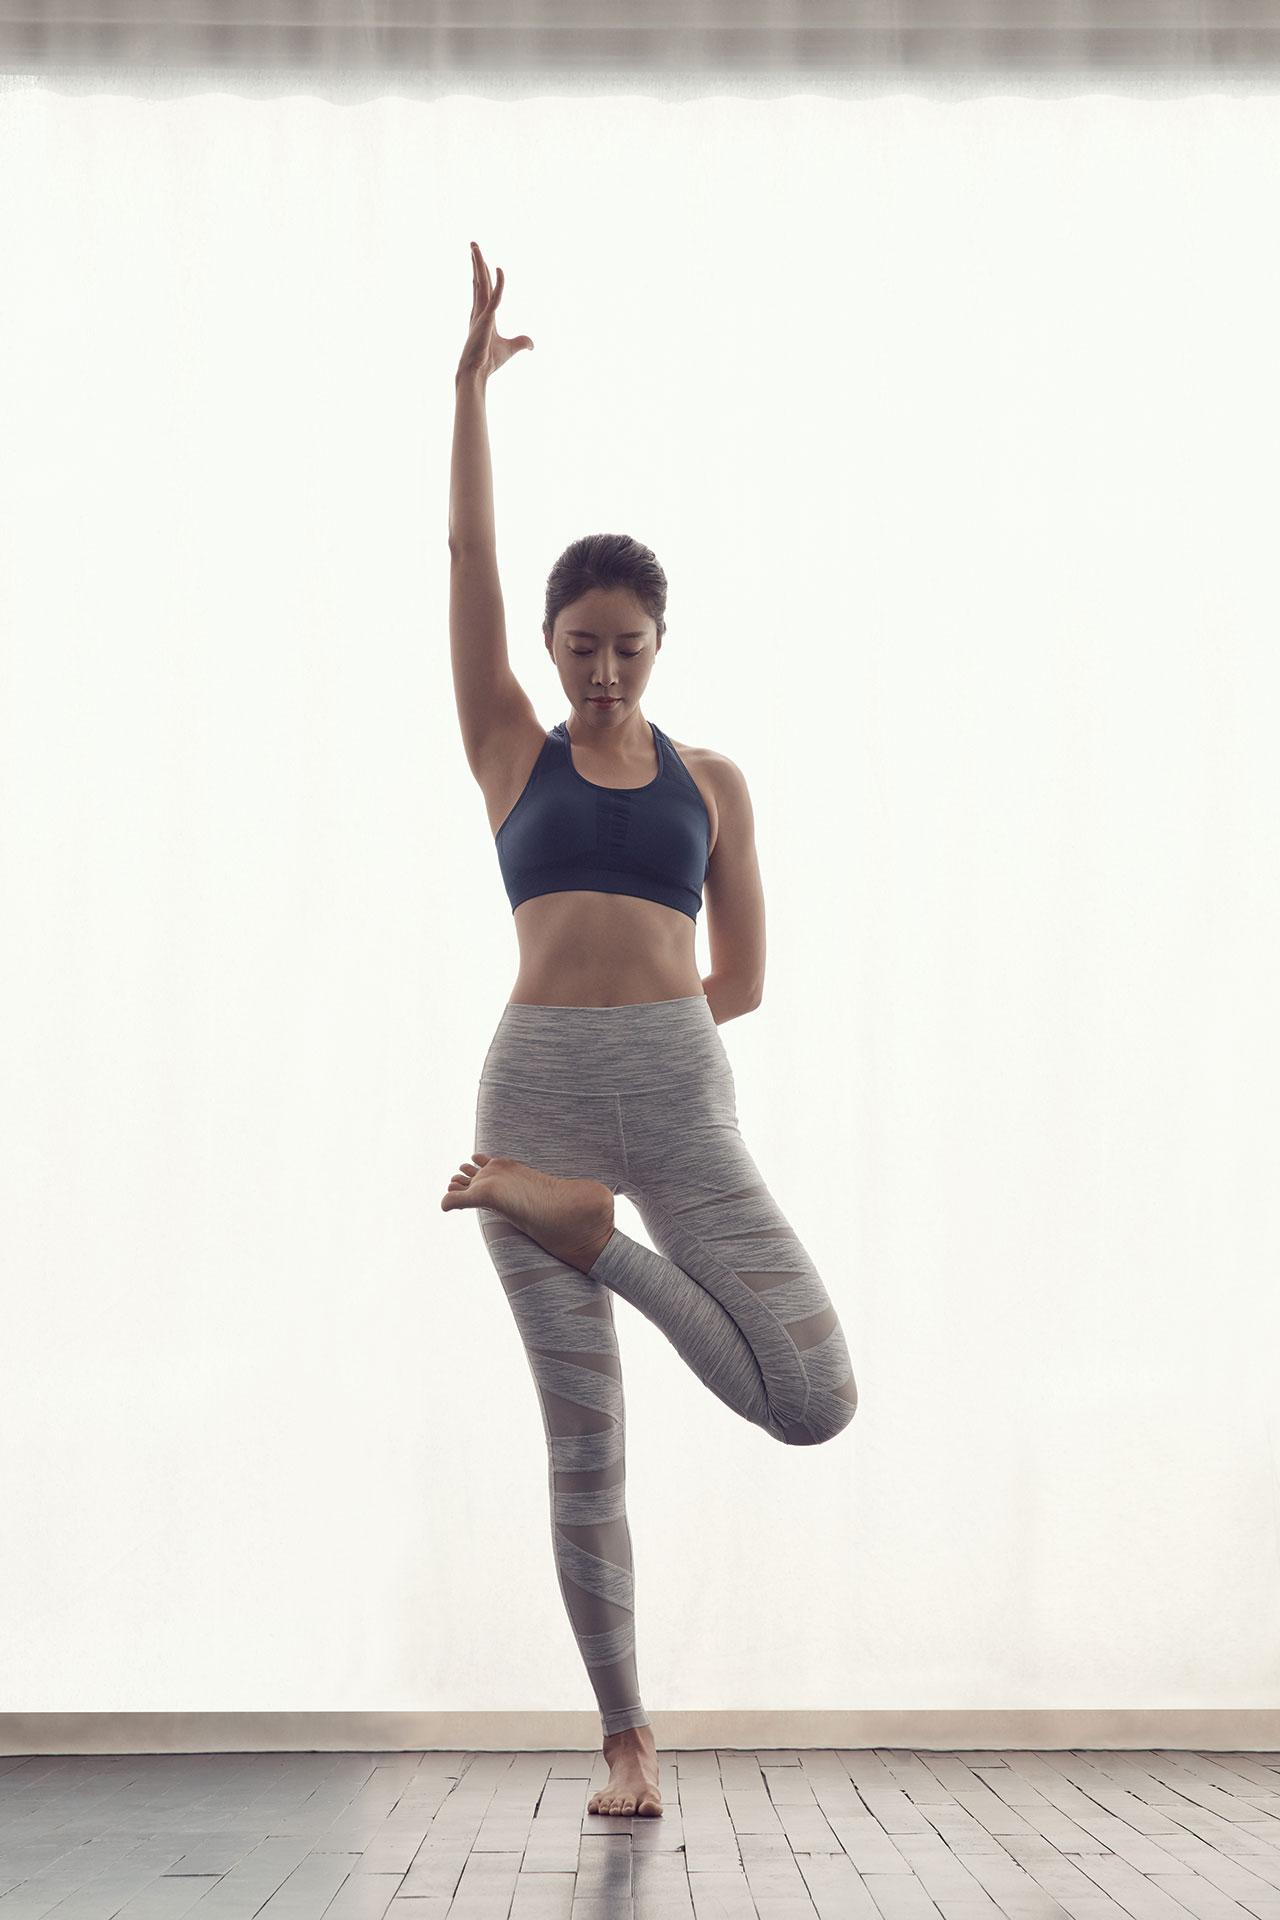 한쪽 다리로 균형을 잡아야 하기 때문에 하체 근력과 코어 힘이 강화되는 자세.  하루 종일 생각이 많아 힘들었다면 이 자세를 취해보자.